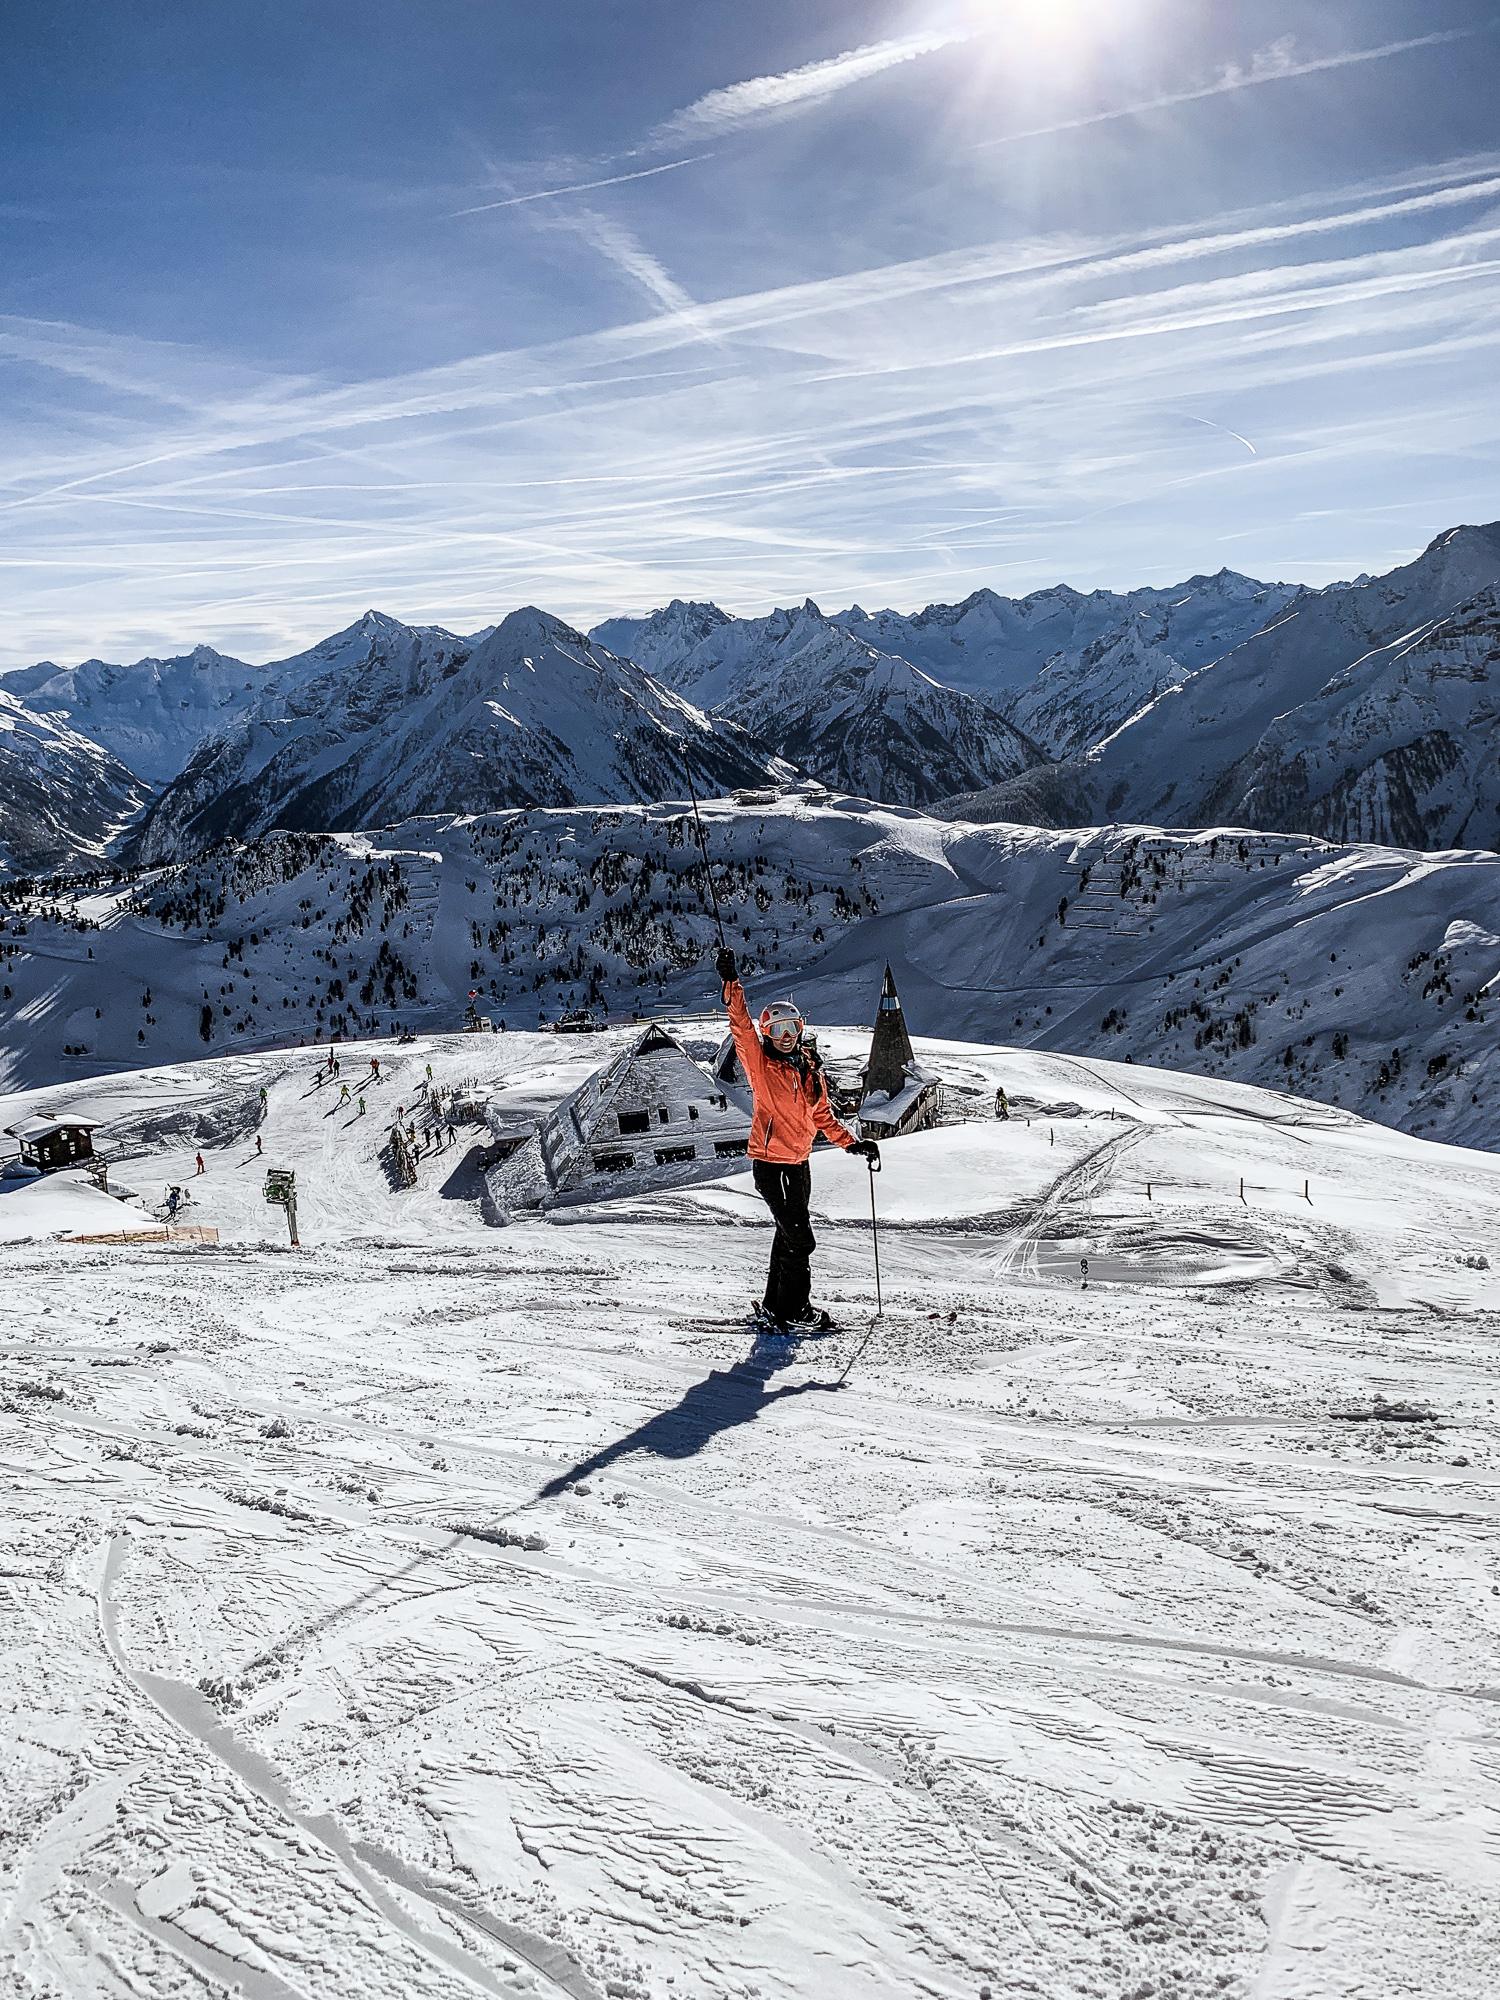 Zillertal Skiurlaub: Schönste Skigebiete, Hütten und Aktivitäten für den Winterurlaub - Skifahren im Skigebiet Mayrhofen